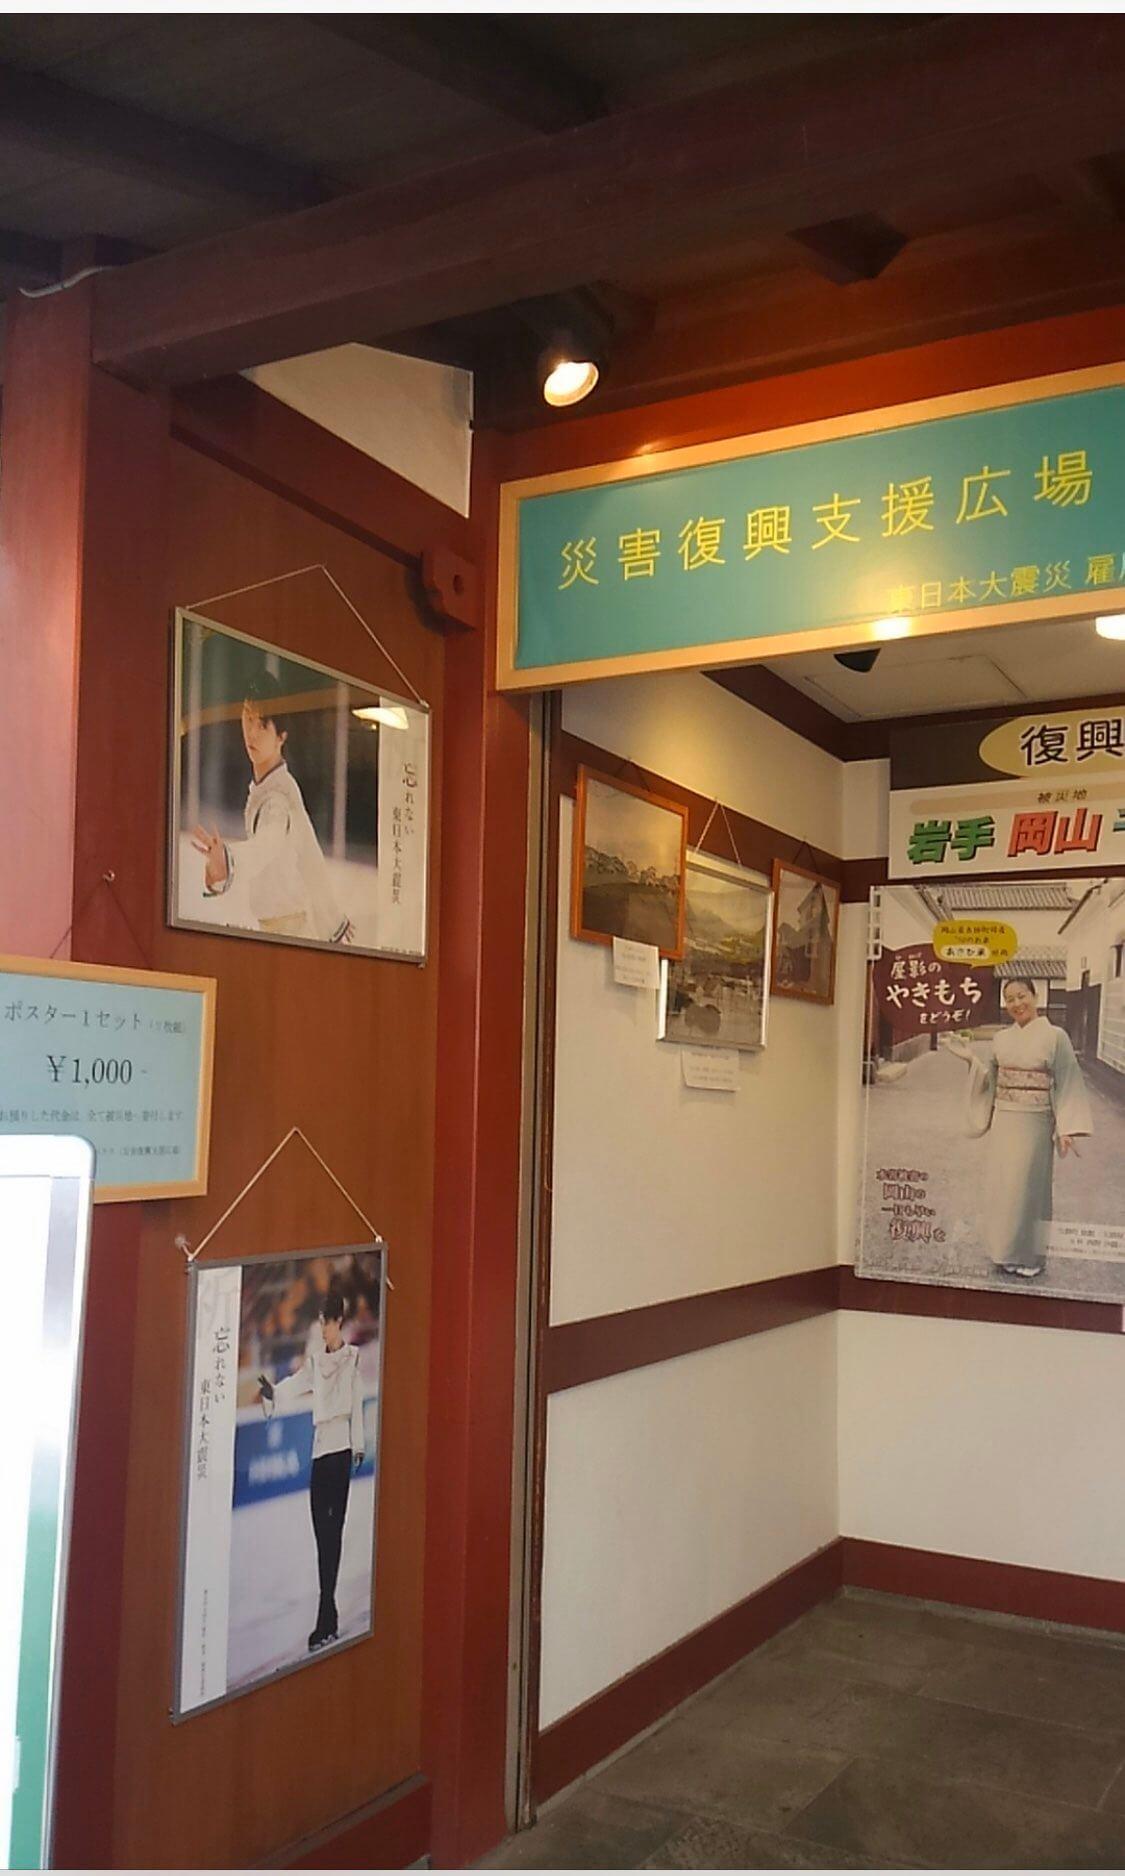 鎌倉小町通にある災害復興支援施設 リバスクで寄付すると 羽生結弦ポスターがもらえる!